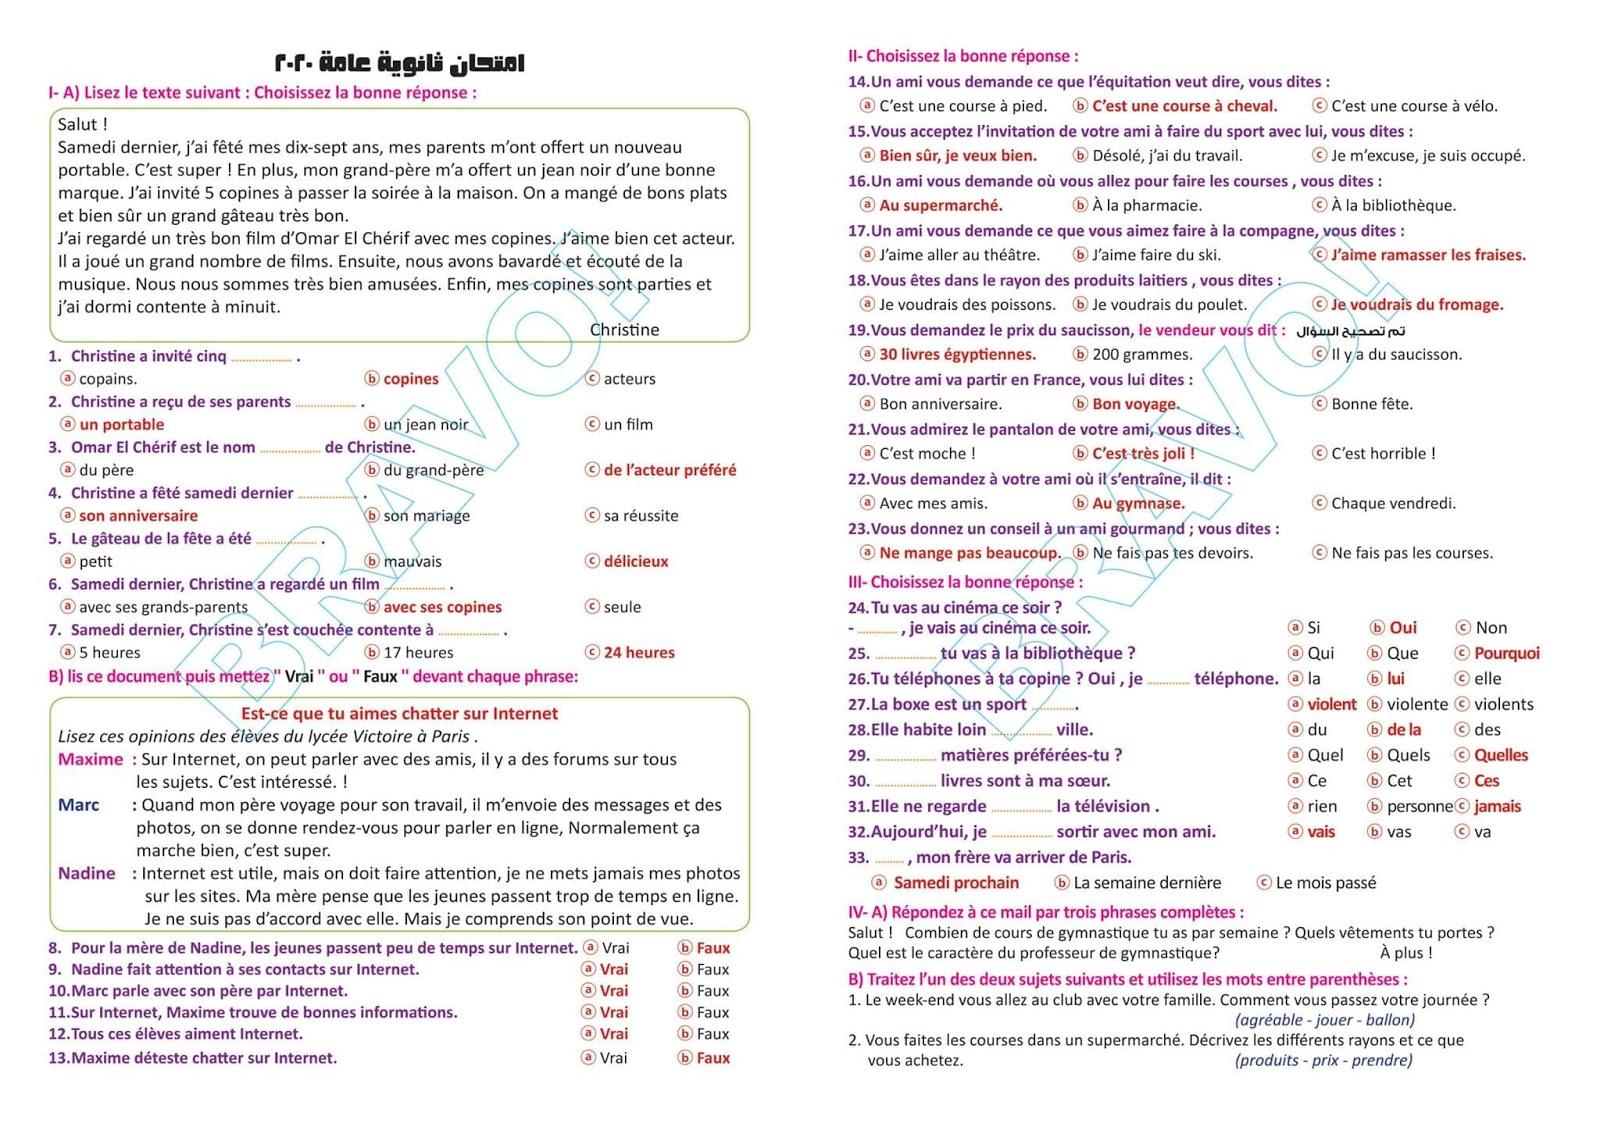 نموذج امتحان اللغة الفرنسية للصف الثالث الثانوى الدورالأول2020